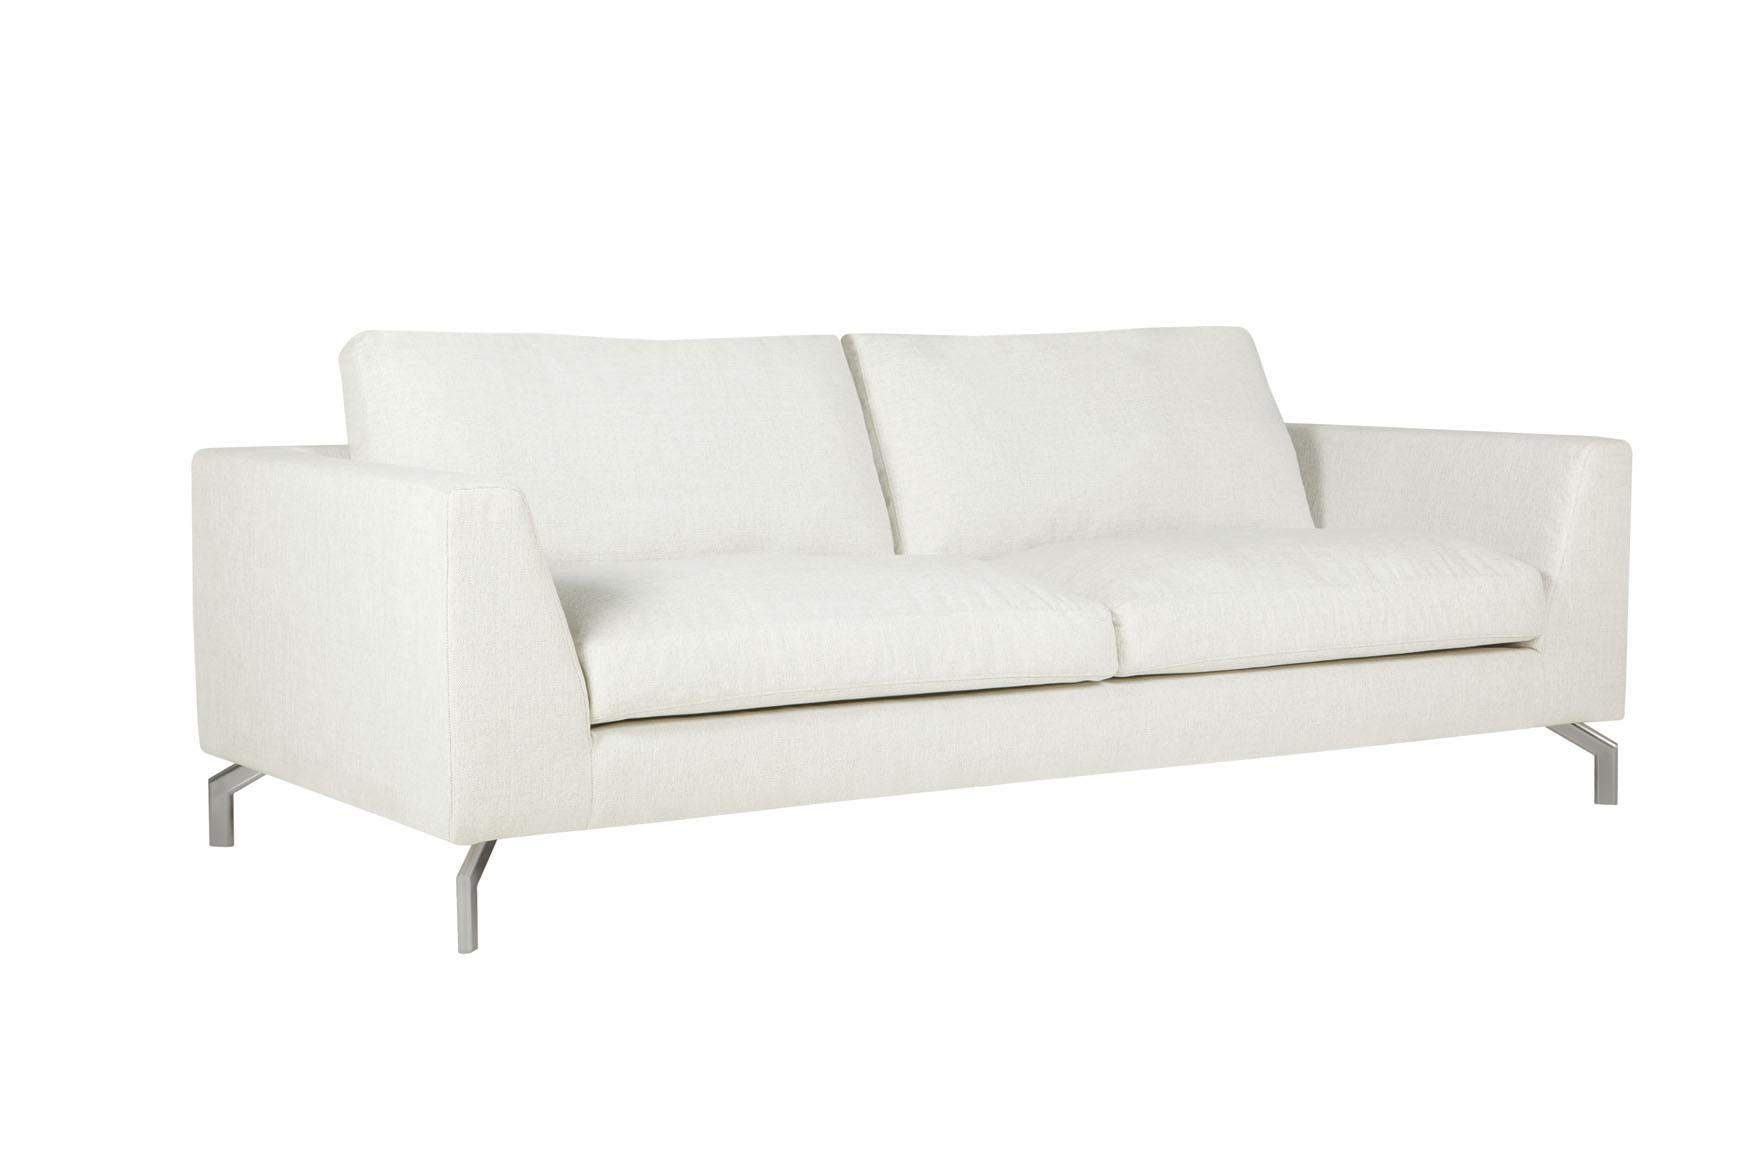 Allegra 2 Seater Sofa-33212